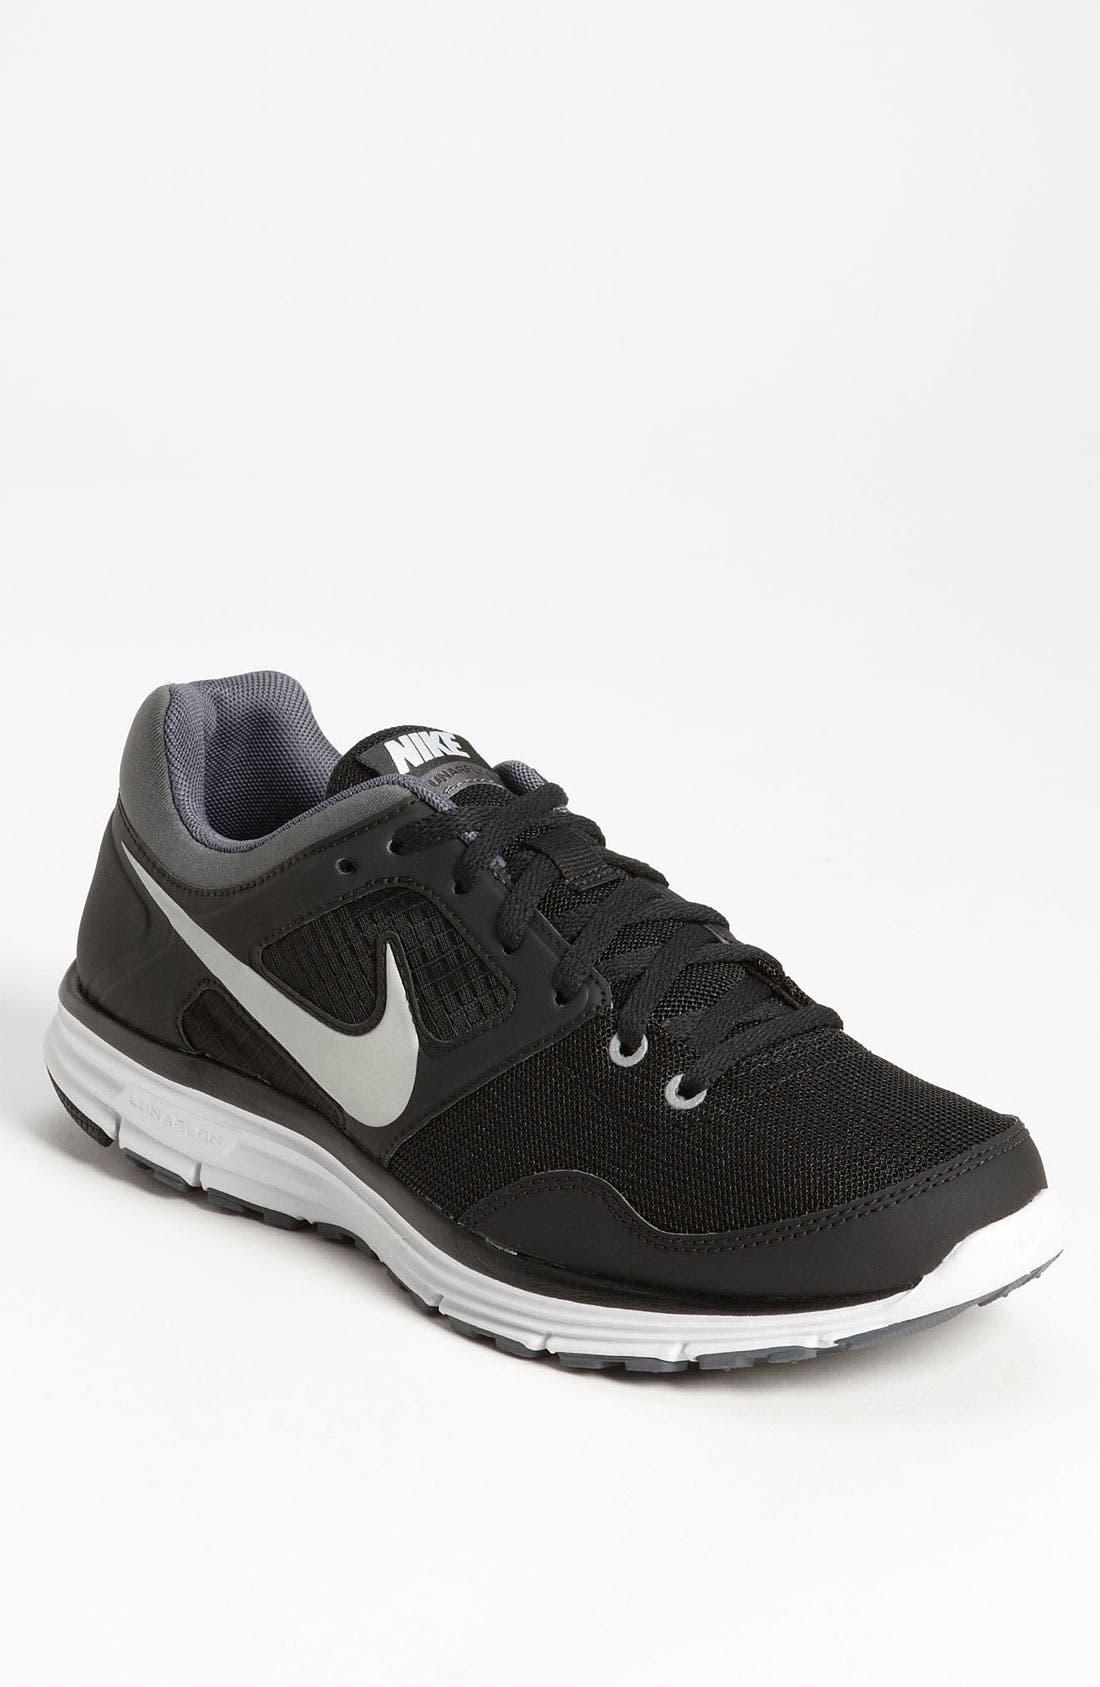 Main Image - Nike 'LunarFly+ 4' Running Shoe (Men)